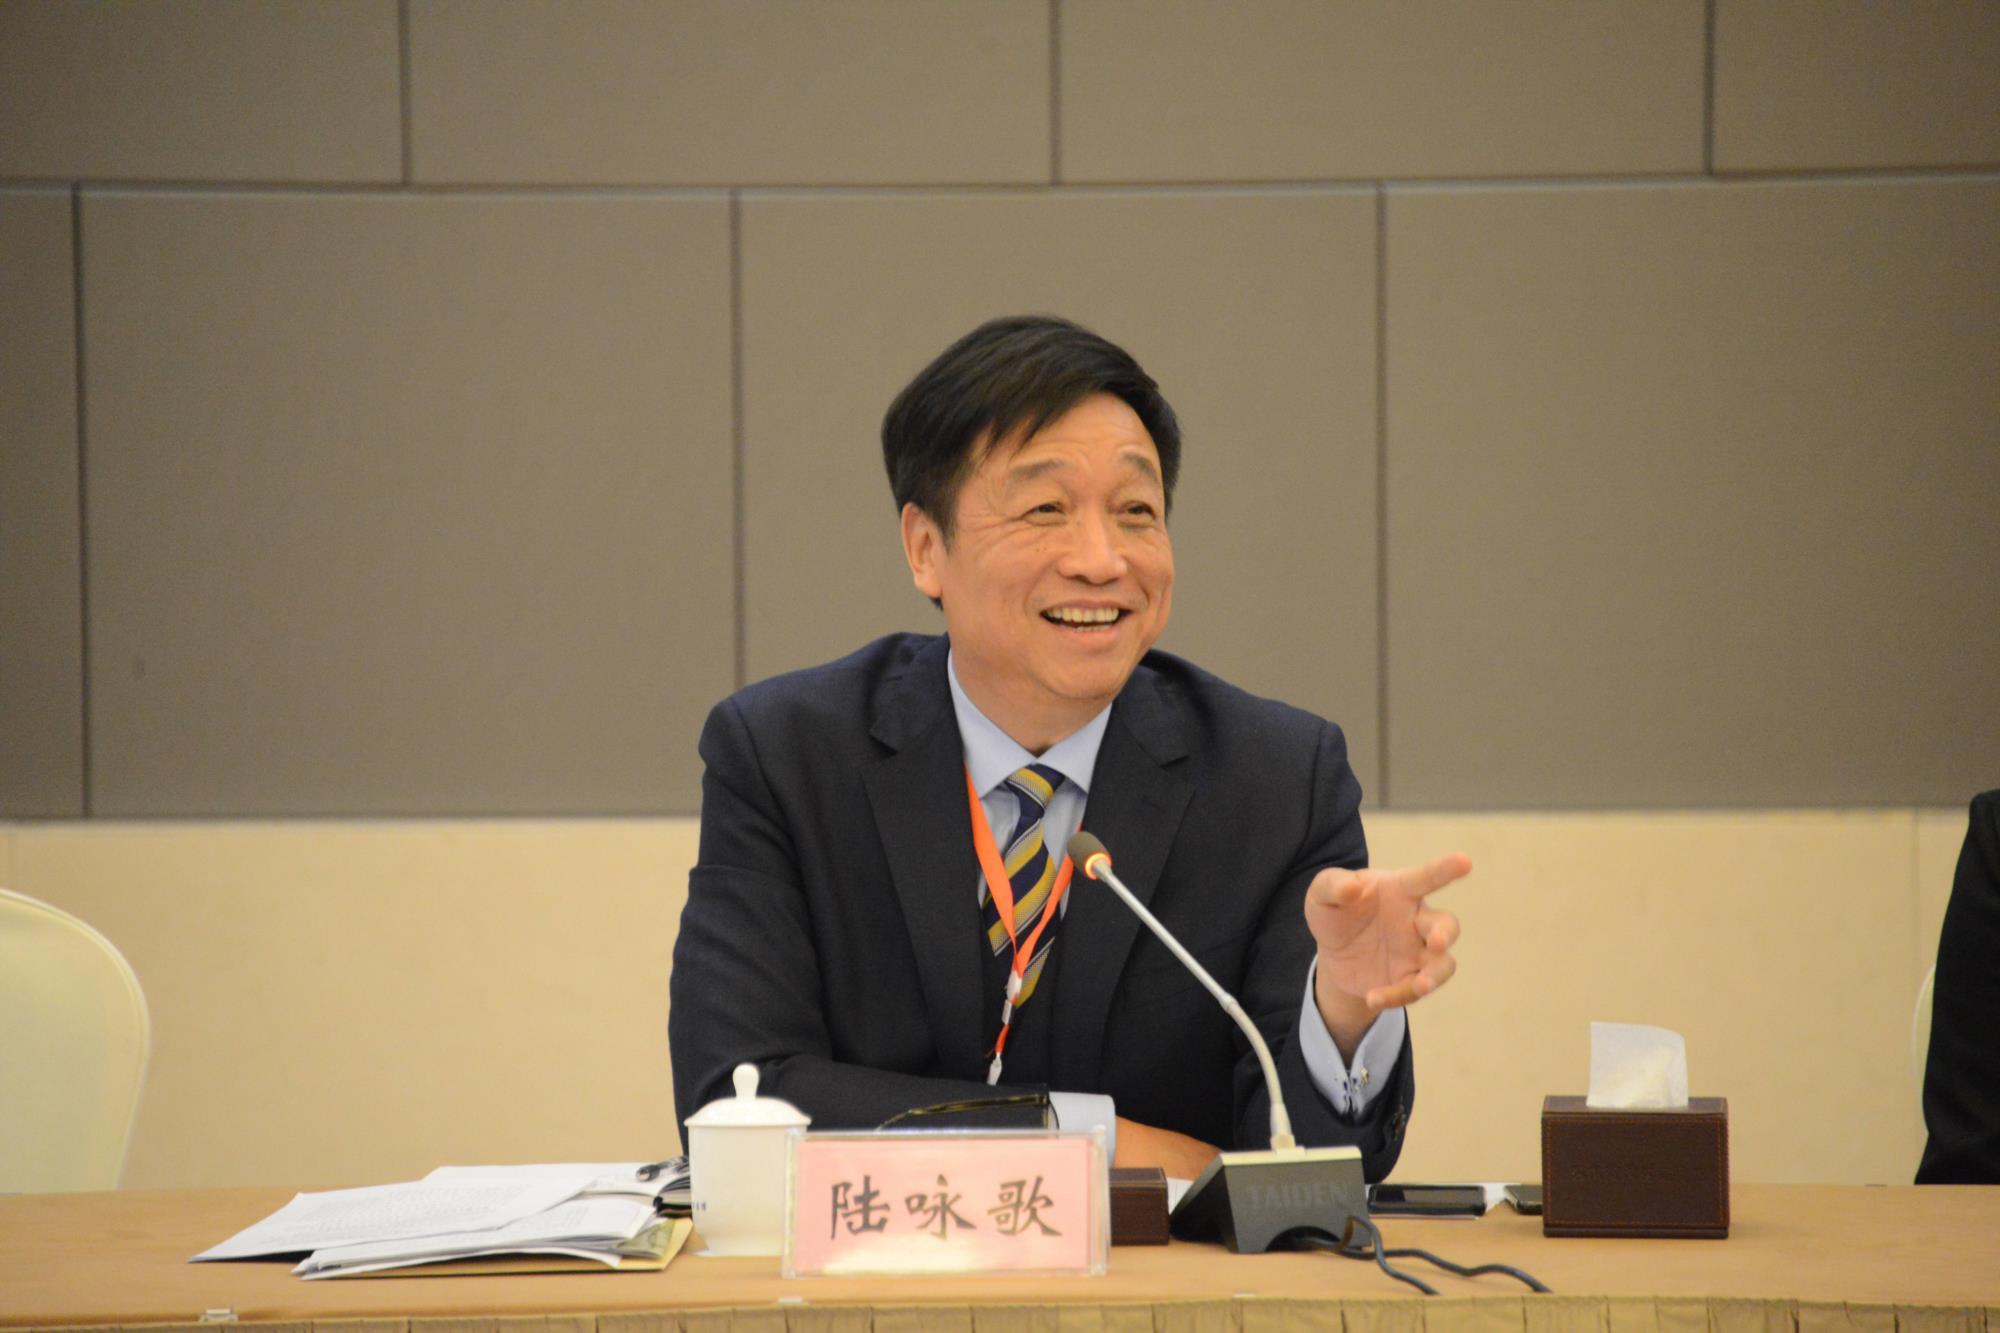 金博大律师事务所陆咏歌主任参加五省法学会专题座谈会